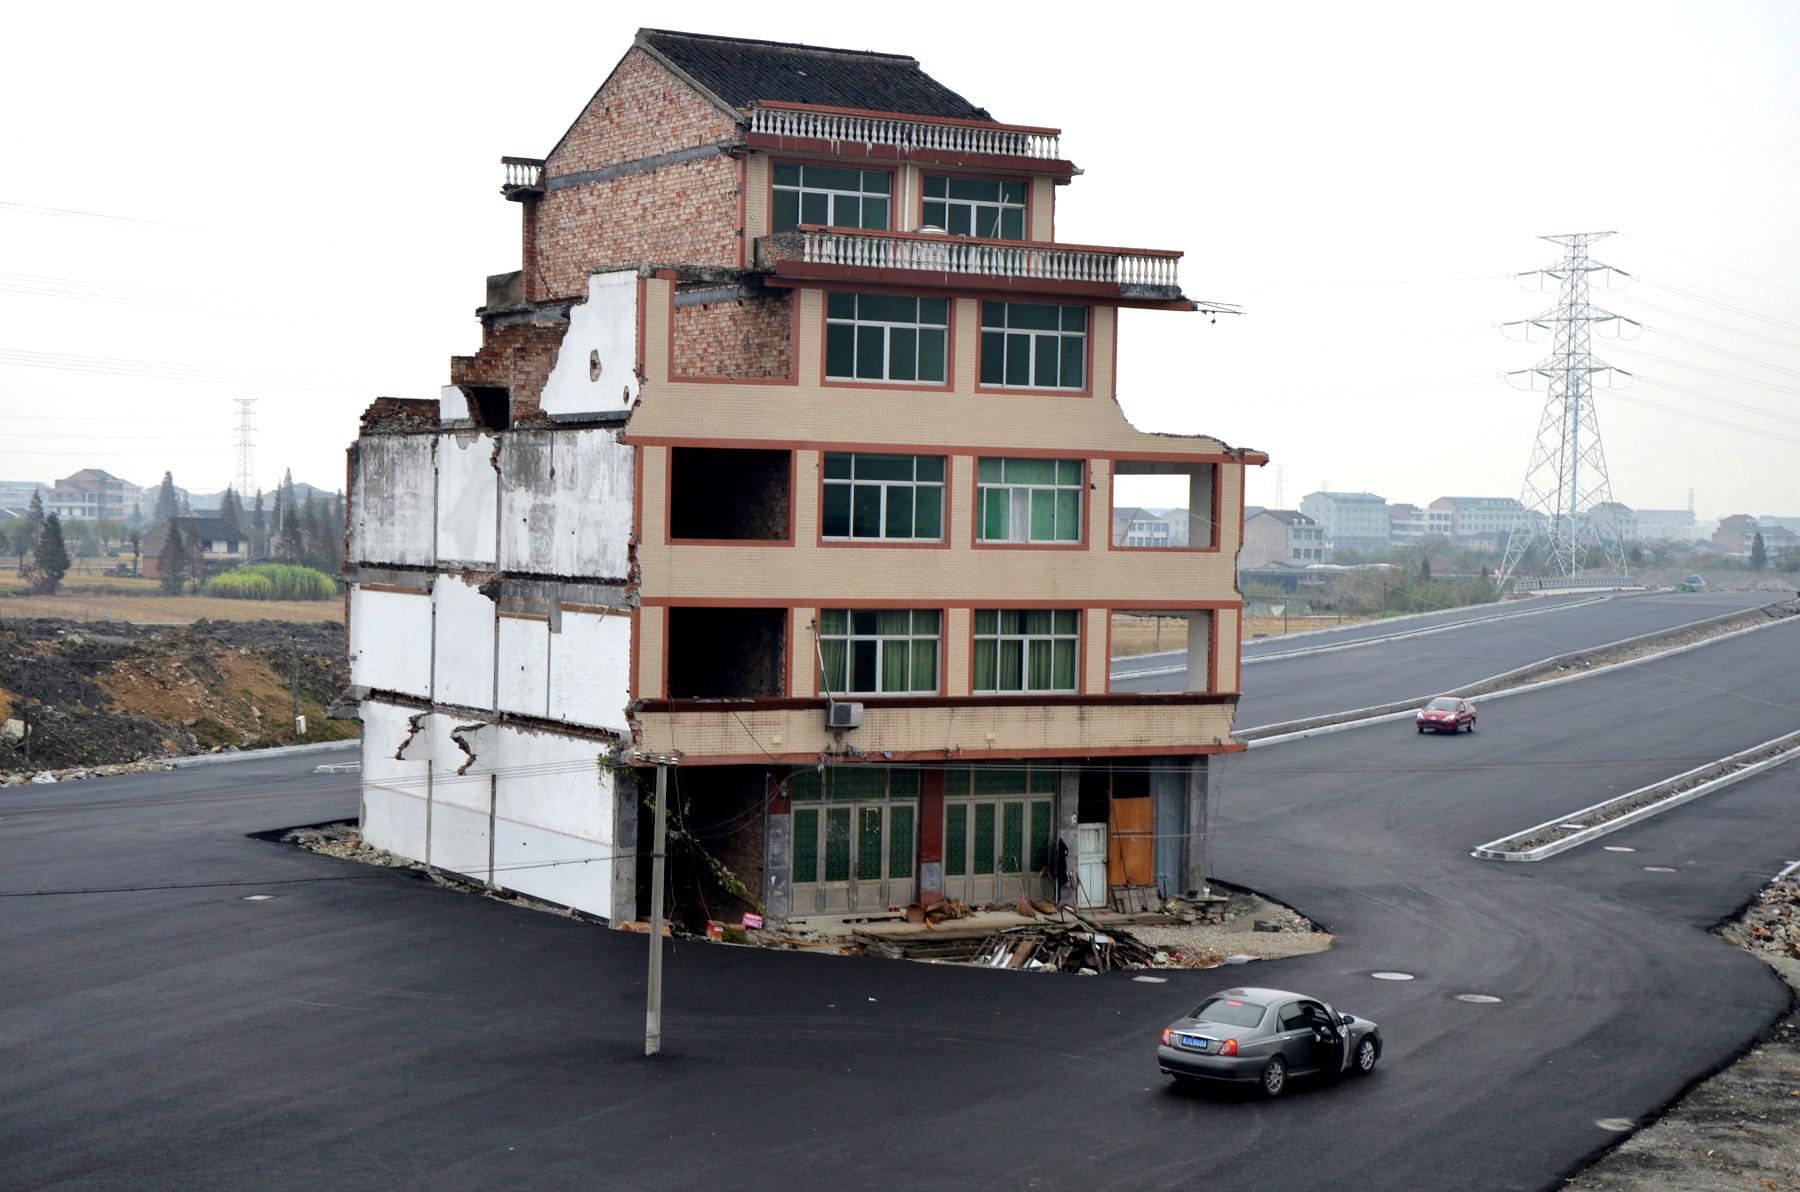 Luo Baogen y su esposa constantemente rechazaron la venta de su residencia comprada en 2001 en Wenling, China. Las negociaciones finalizaron en 2012 y la vivienda finalmente demolida. Image © Zaichina